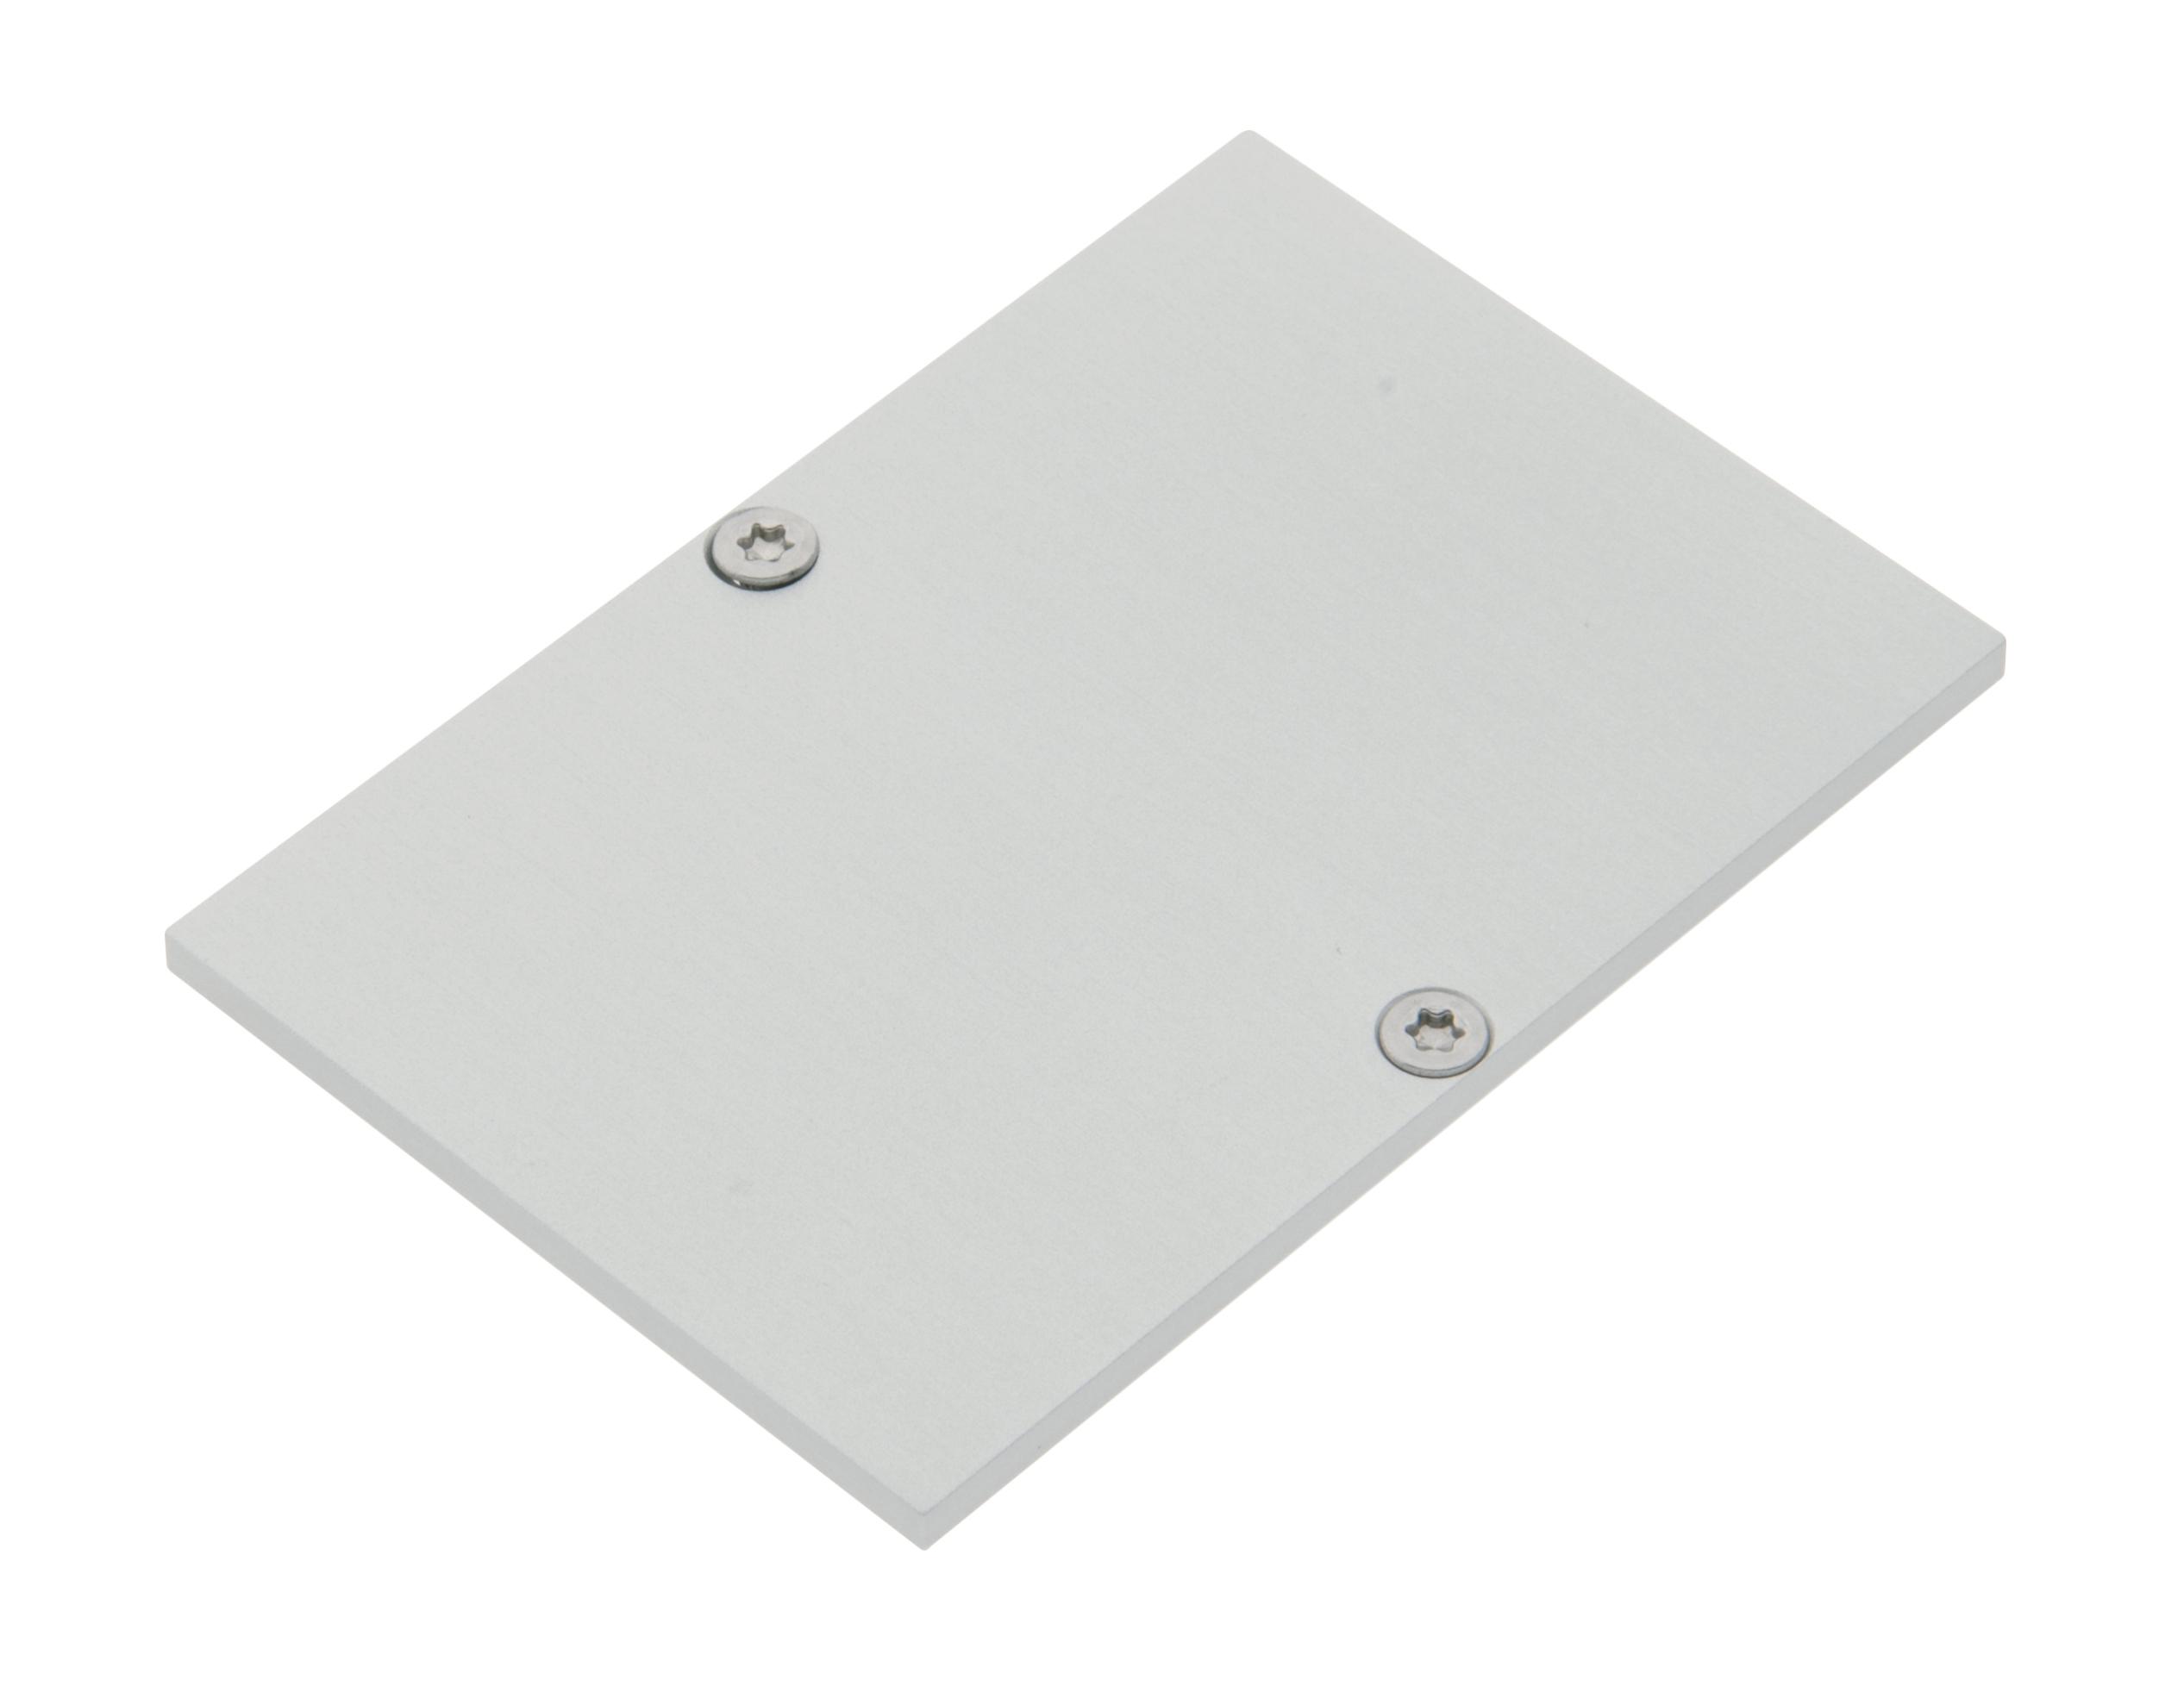 1 Stk Profil Endkappe MFH Flach geschlossen inkl. Schrauben LIEK005200